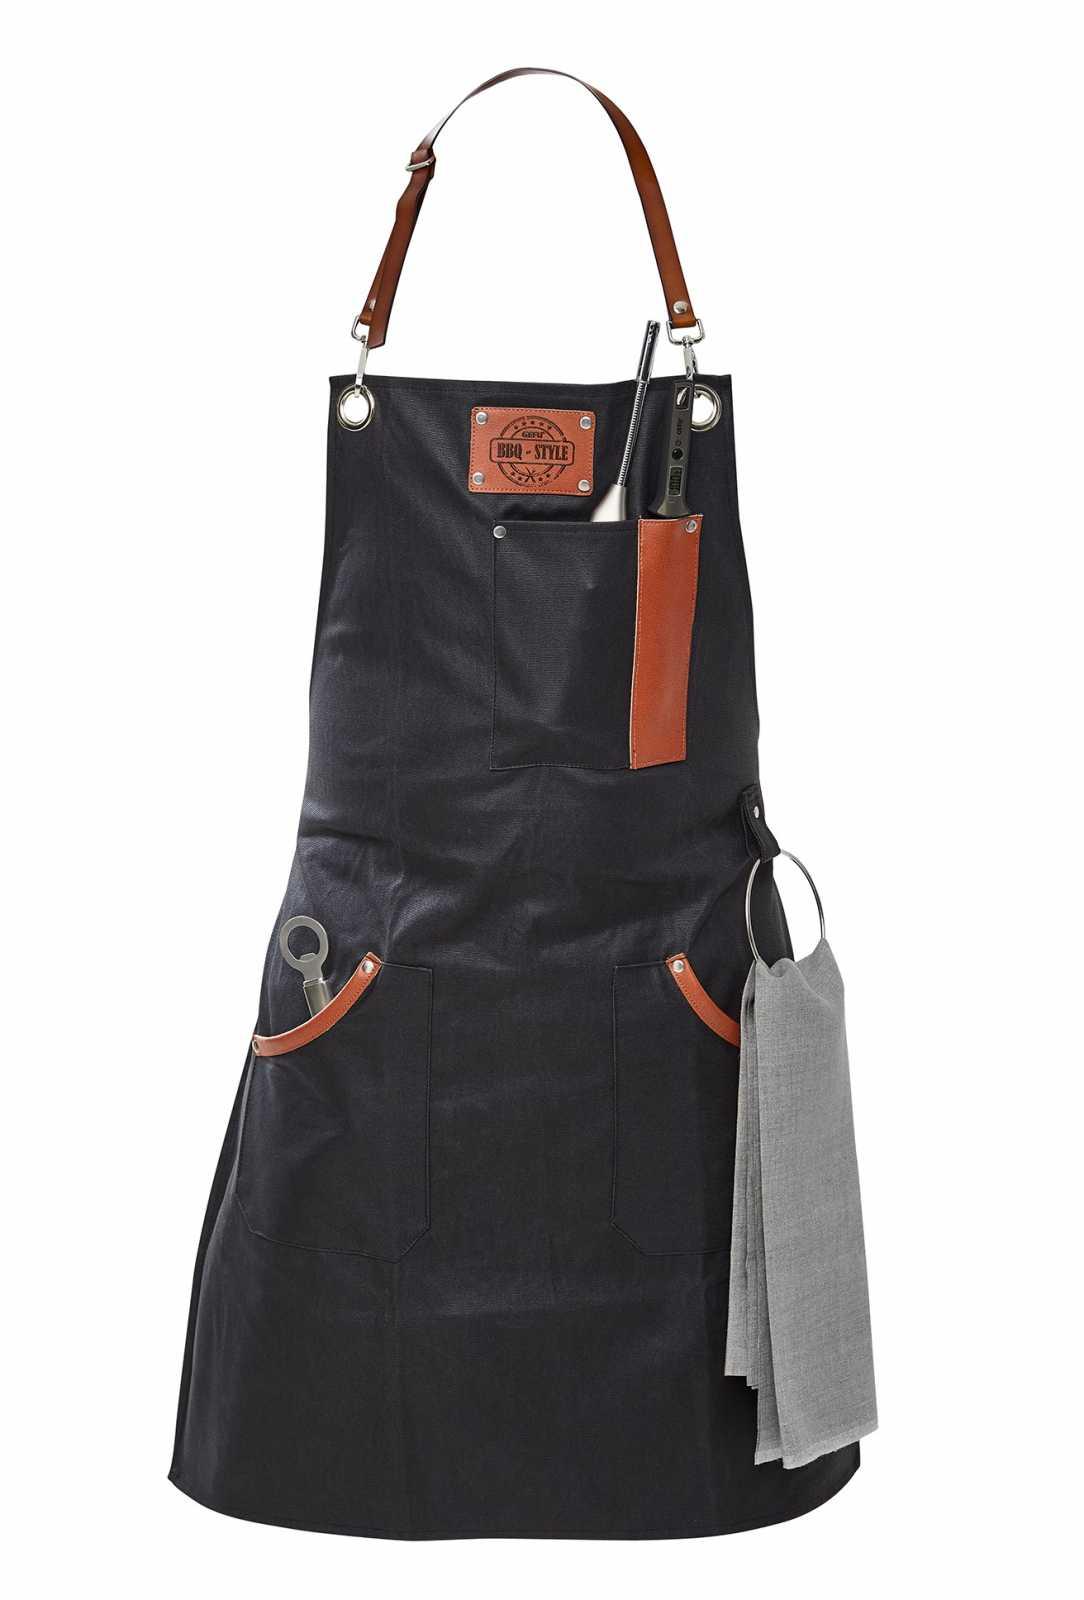 Онлайн каталог PROMENU: Фартук для барбекю с петлей для полотенца и держателем для термометра Gefu, черный                                                  GEFU 89421